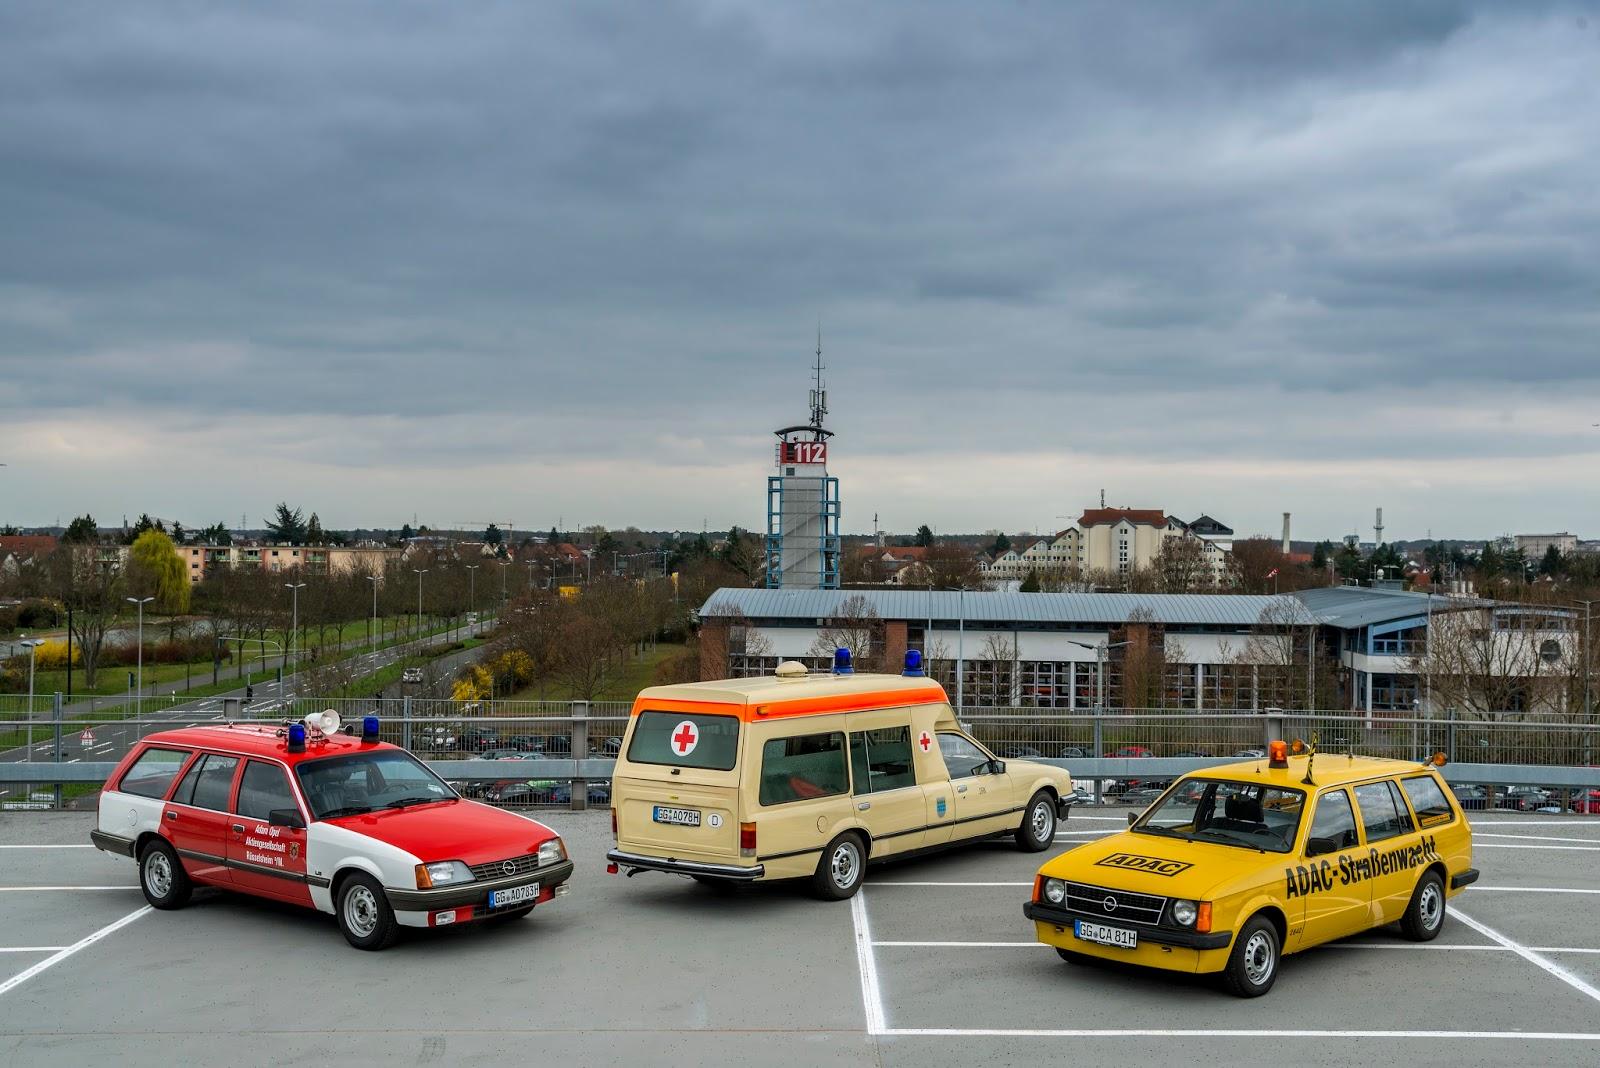 Opel ADAC Hessen Thueringen 304647 Ράλι κλασικών μοντέλων Opel στο Hessen-Thüringen Classic, Opel, Opel Cascada, Opel Record, Opel Wagon, Rally